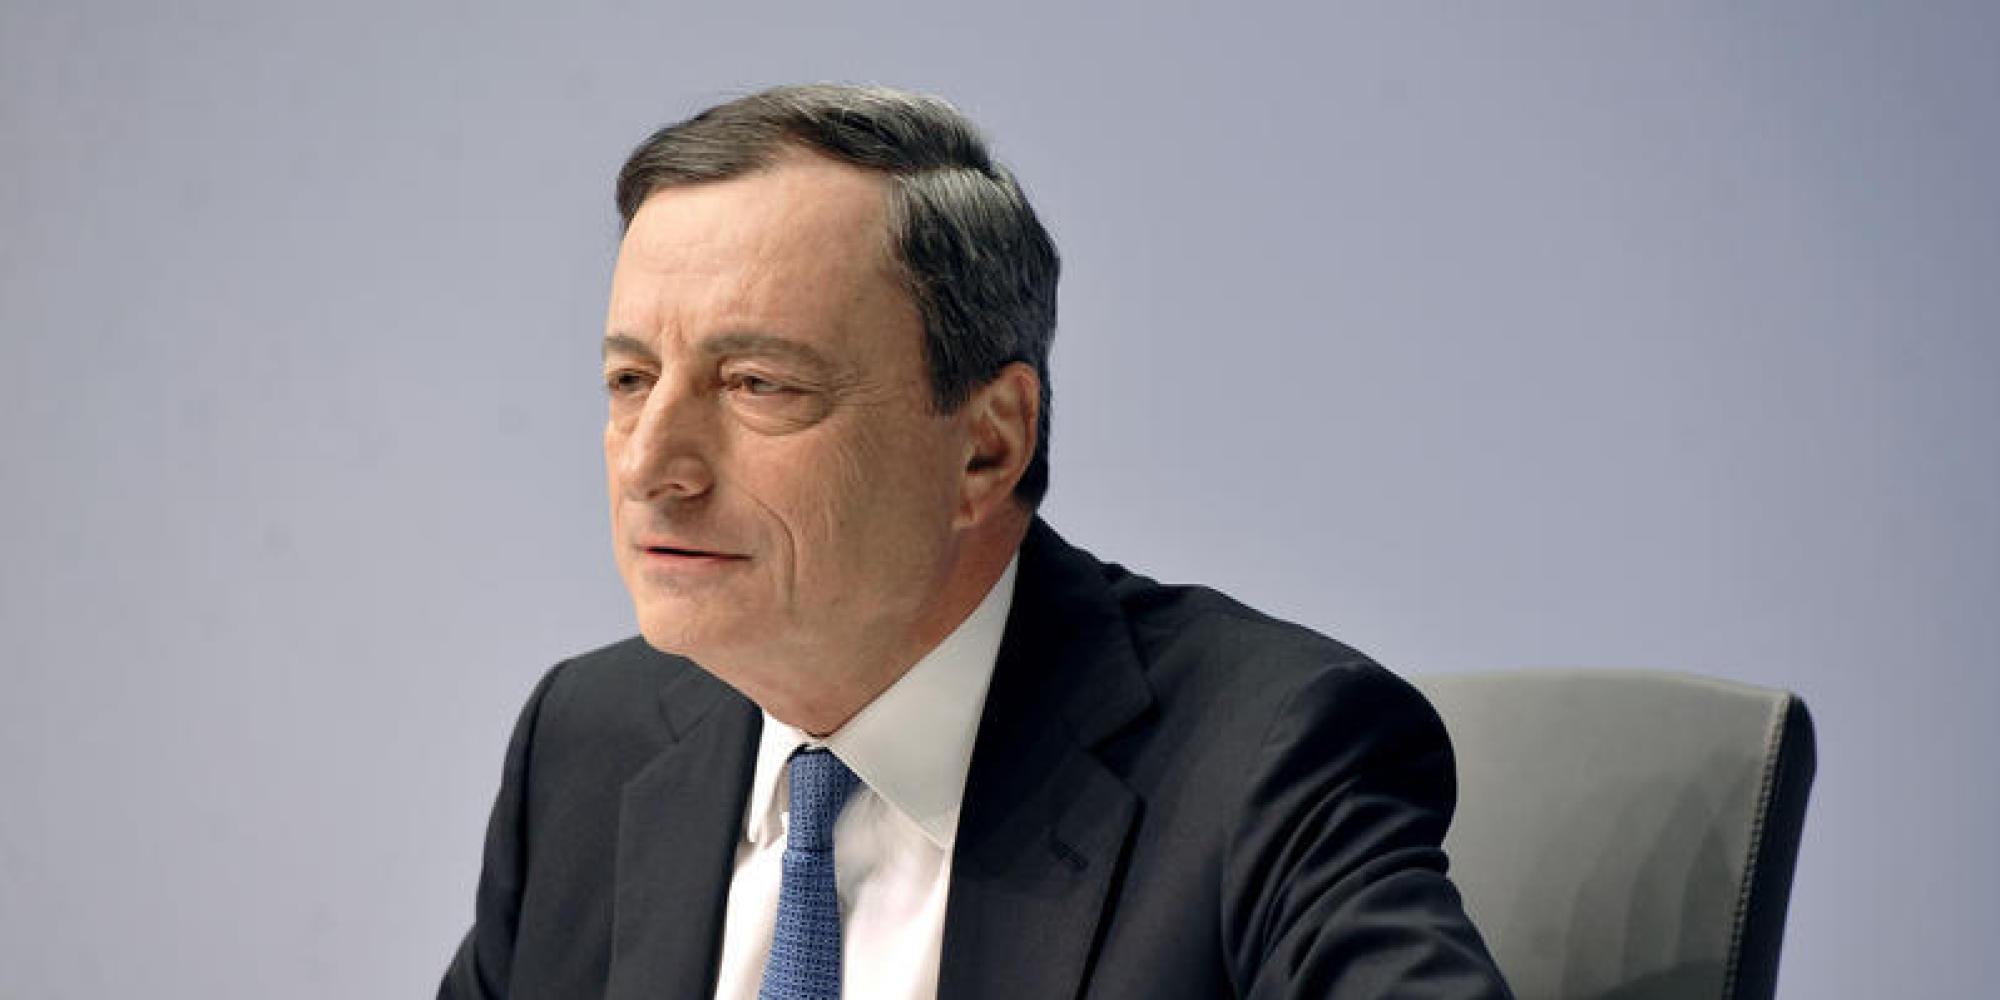 Bce, rischio da dietrofront sulla riforma delle pensioni